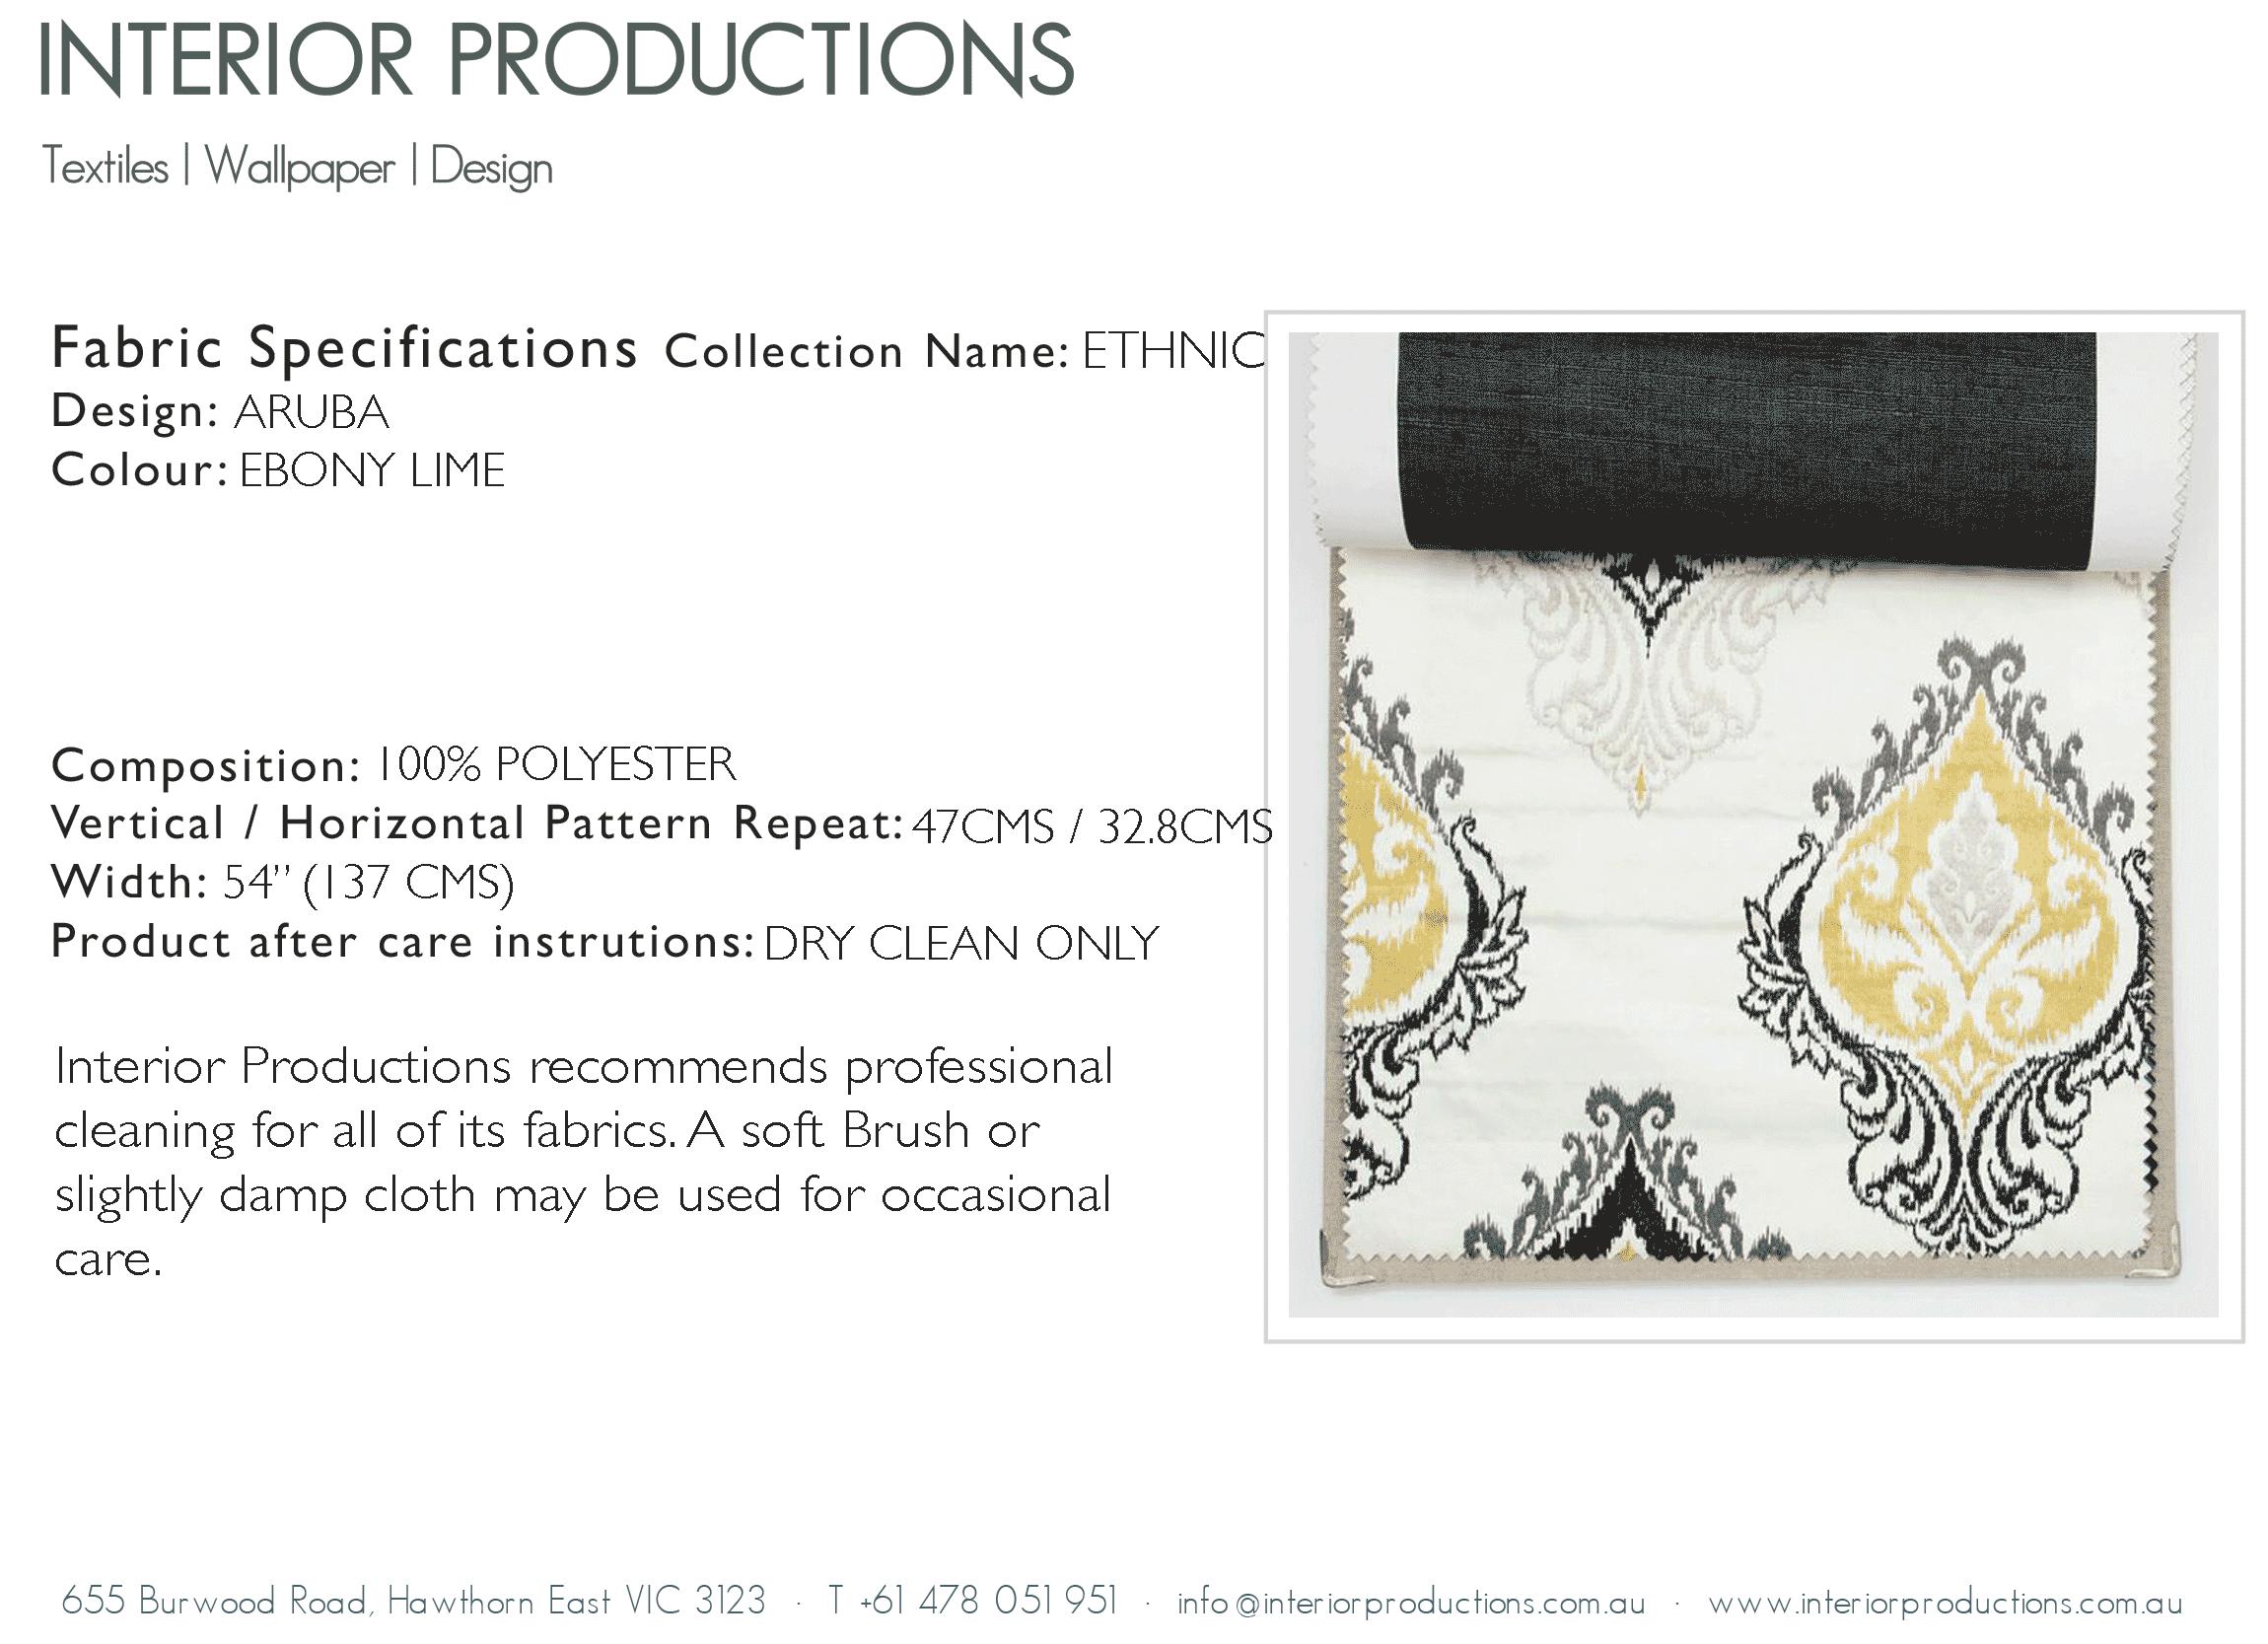 interior_productions_ARUBA---EBONY-LIME